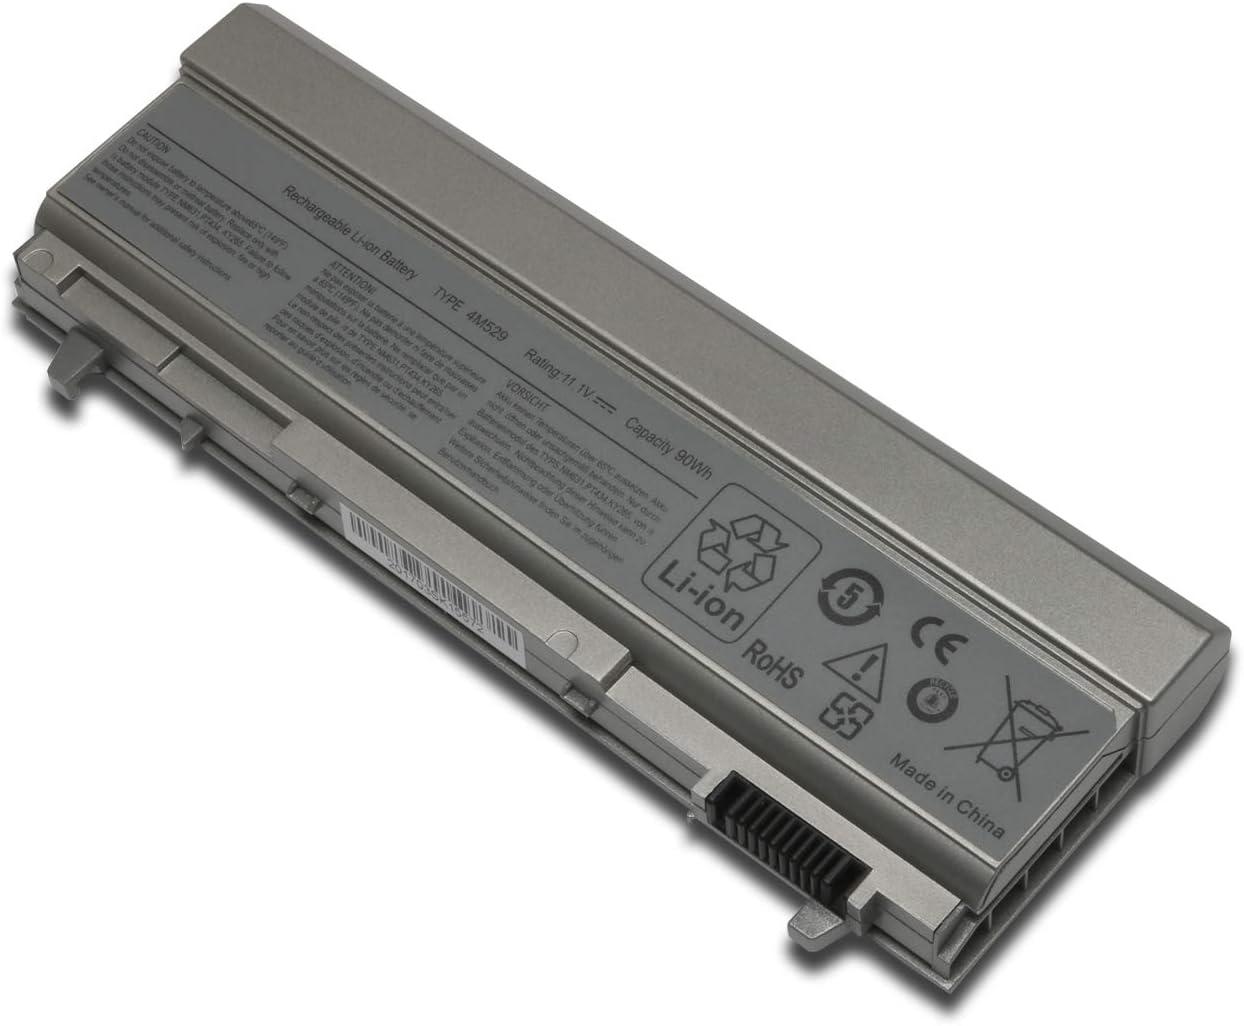 New 4M529 Laptop Replacement Battery for Dell Latitude E6400 E6500 E6410 E6510 Dell Precision M2400 M4400 M4500 M6400 M6500 11.1V 90Wh